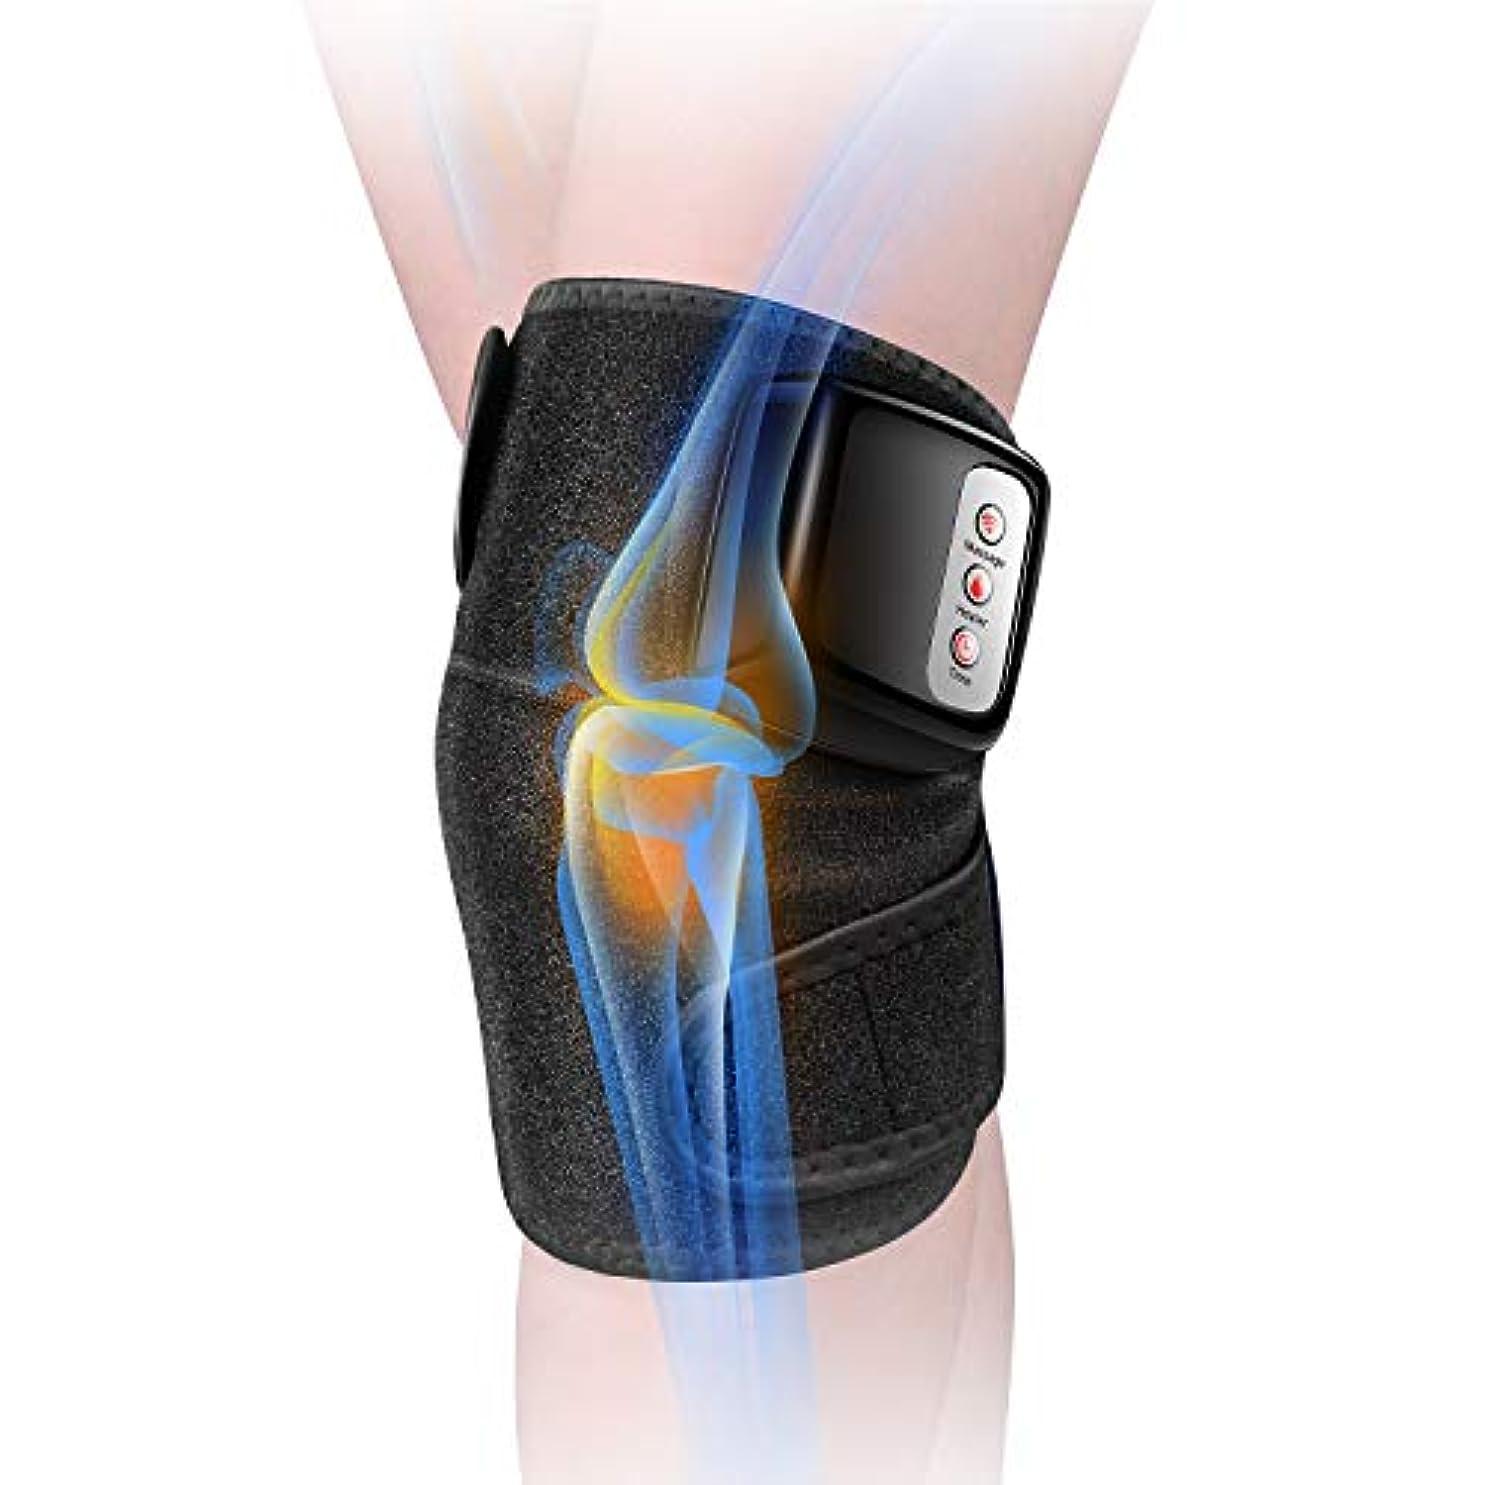 無力簡単なスポーツをする膝マッサージャー 関節マッサージャー マッサージ器 フットマッサージャー 振動 赤外線療法 温熱療法 膝サポーター ストレス解消 肩 太もも/腕対応